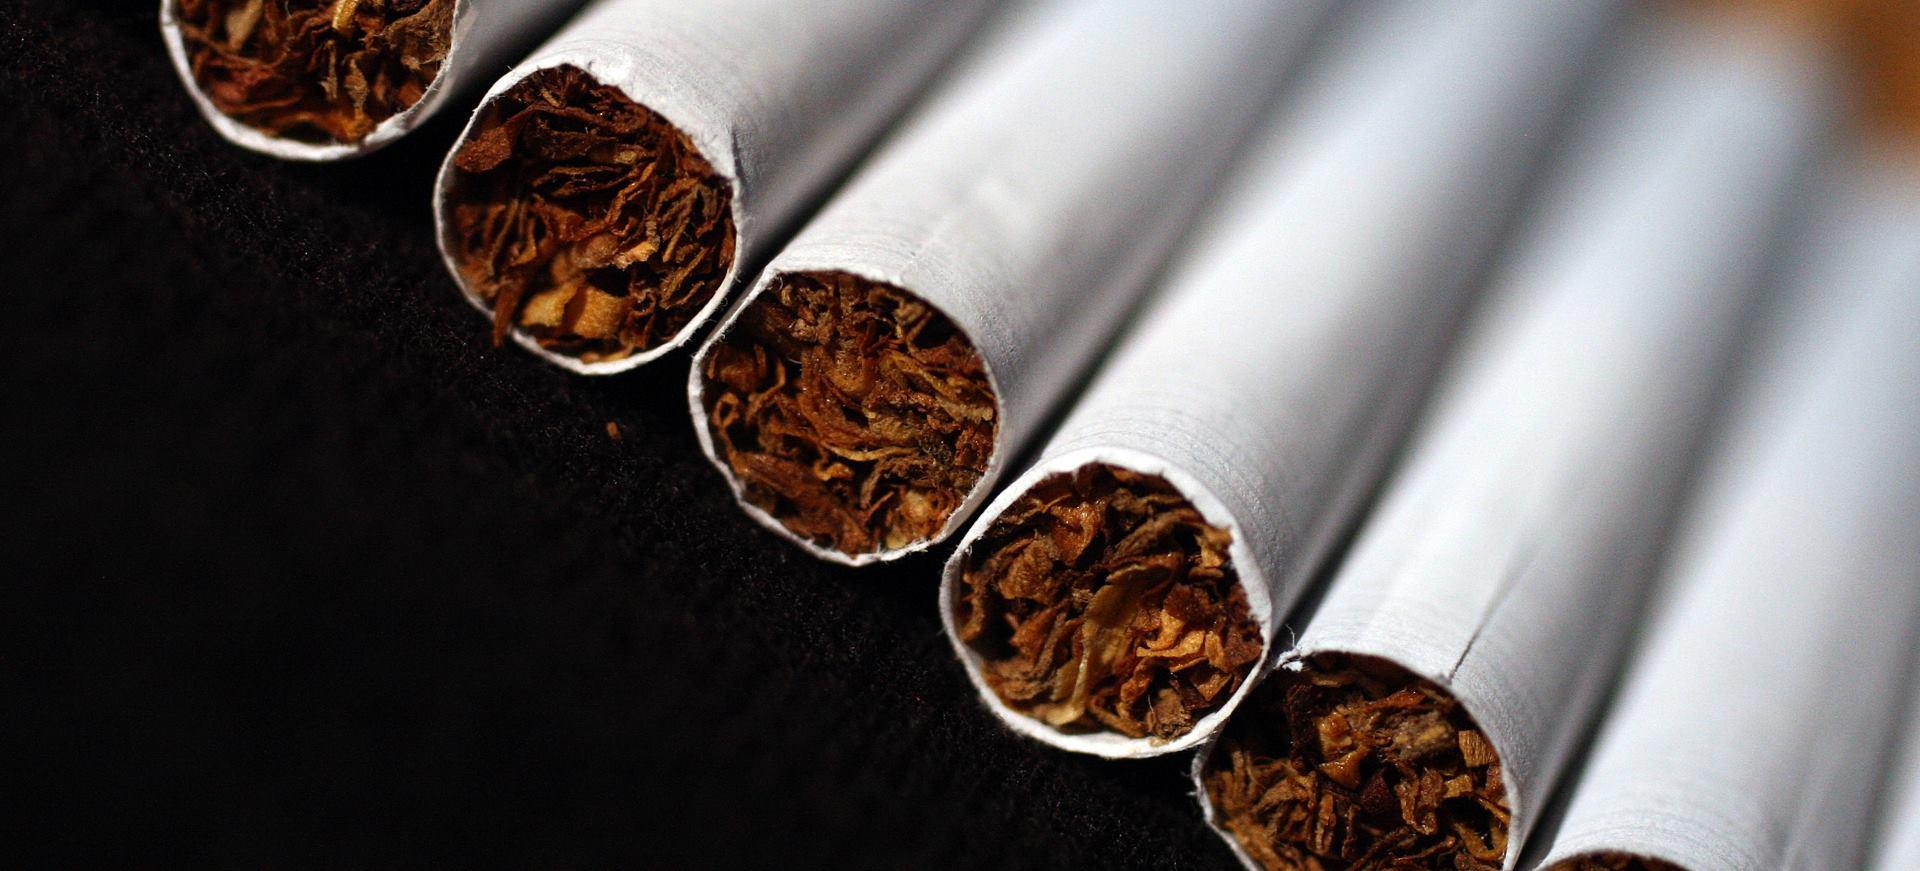 RAZLOZI OVISNOSTI Što stoji iza navike pušenja cigareta kod mladih?